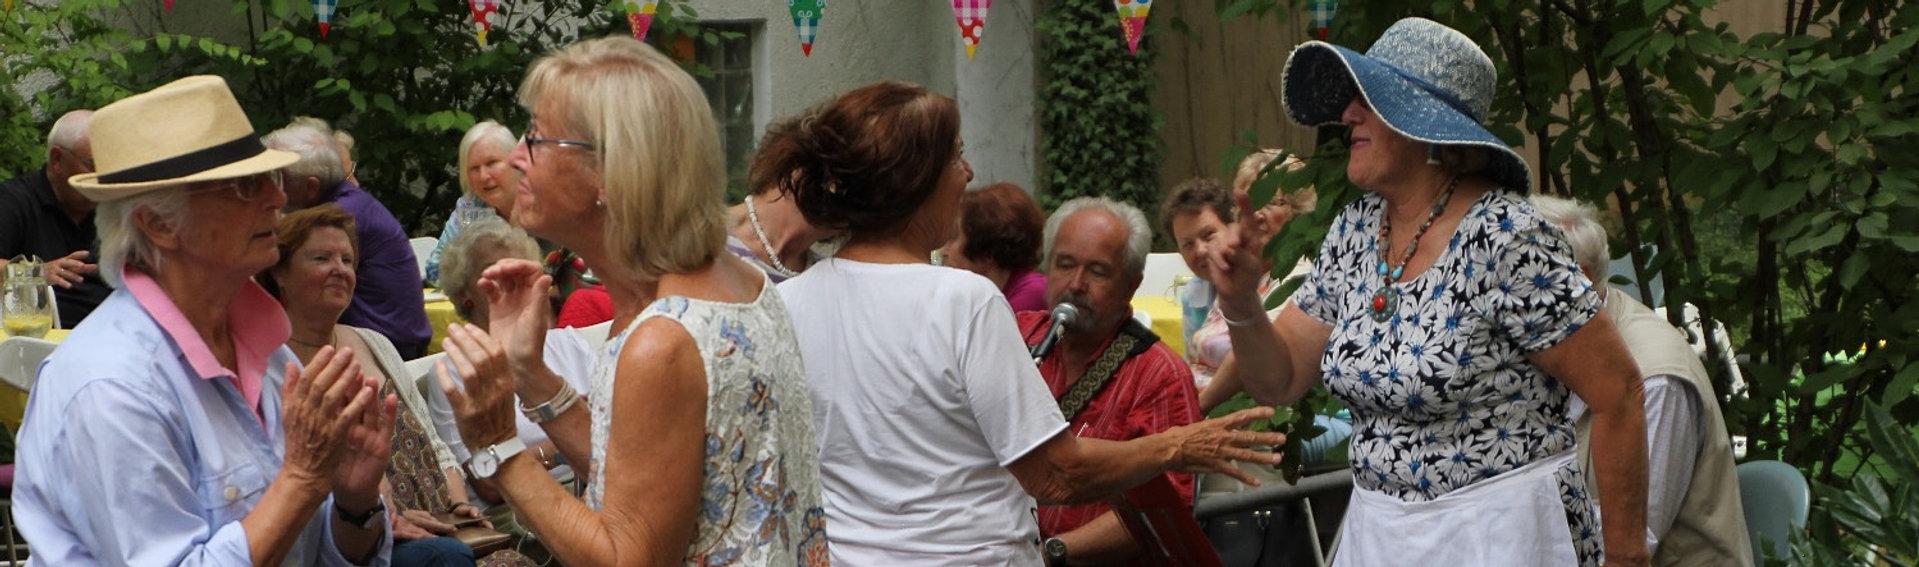 Senioren kennenlernen münchen